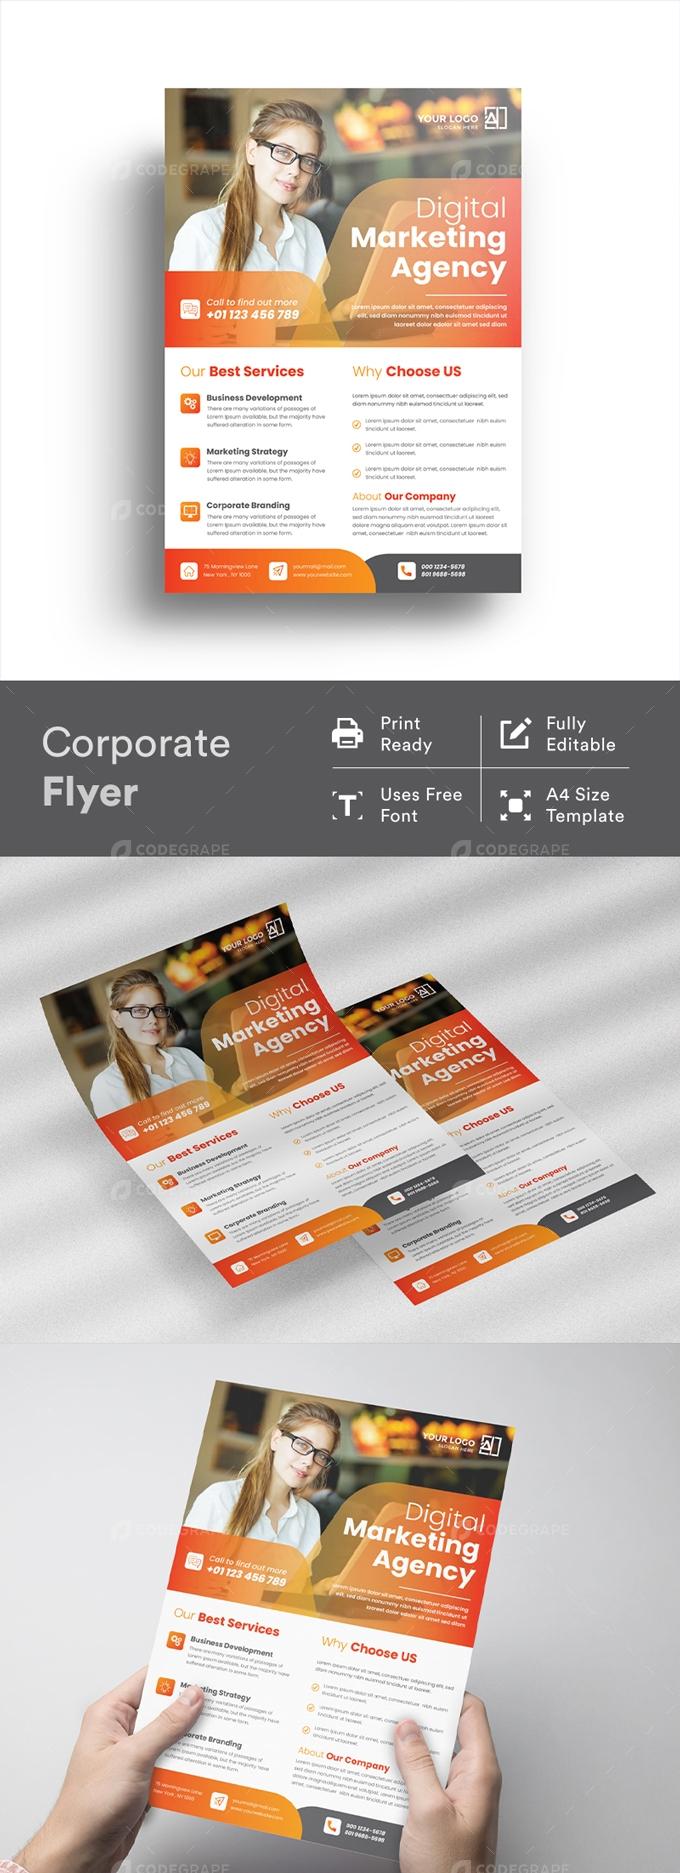 Corporate Minimalist Flyer Design Template